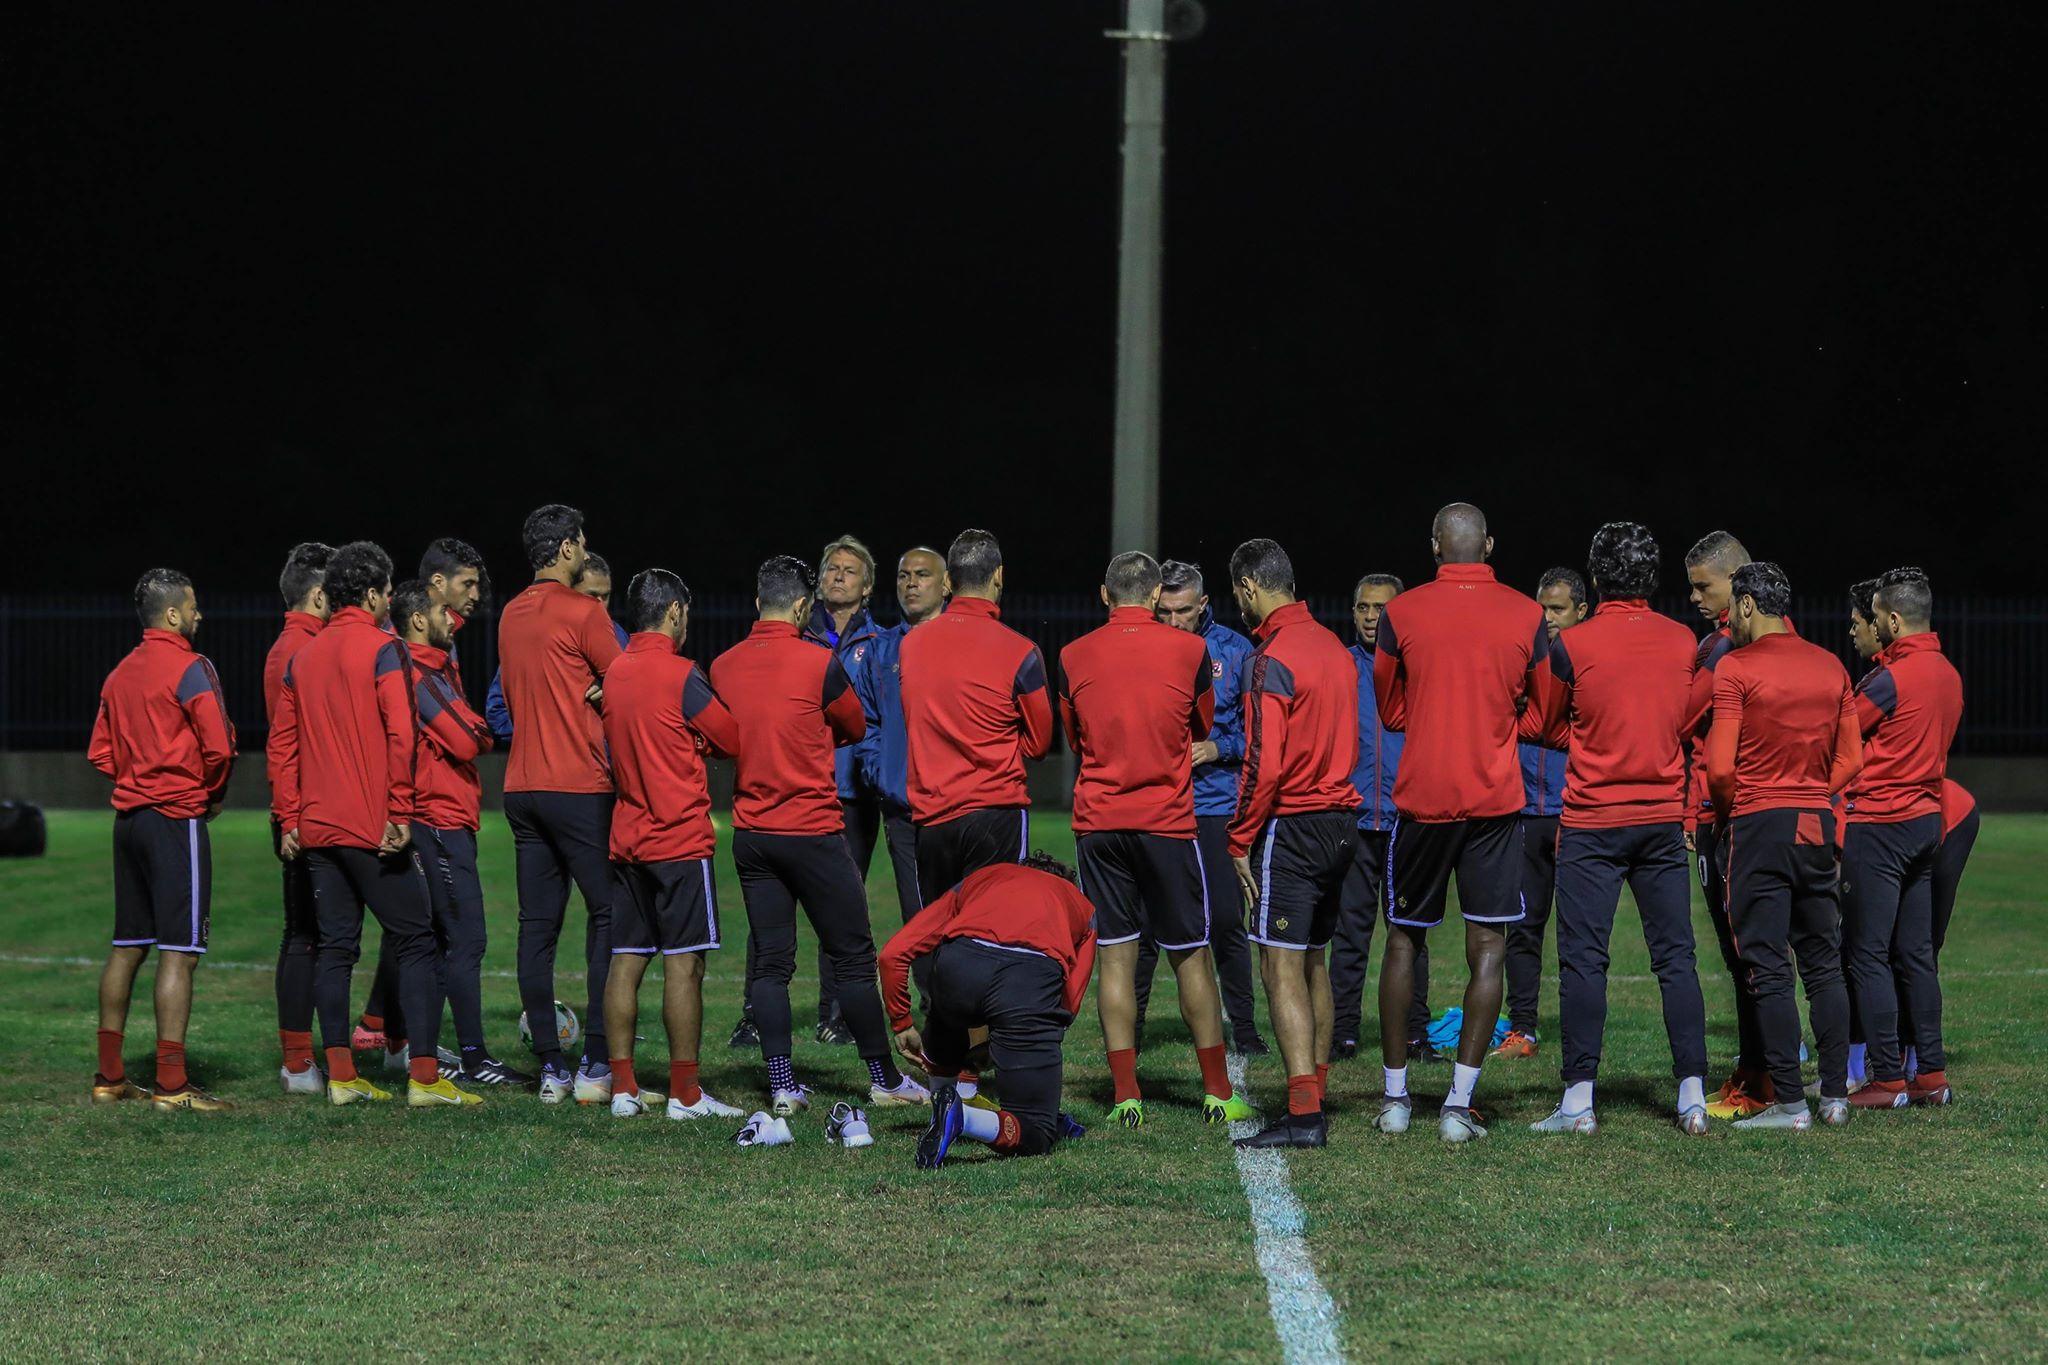 اول مران للأهليفي تونس (2)